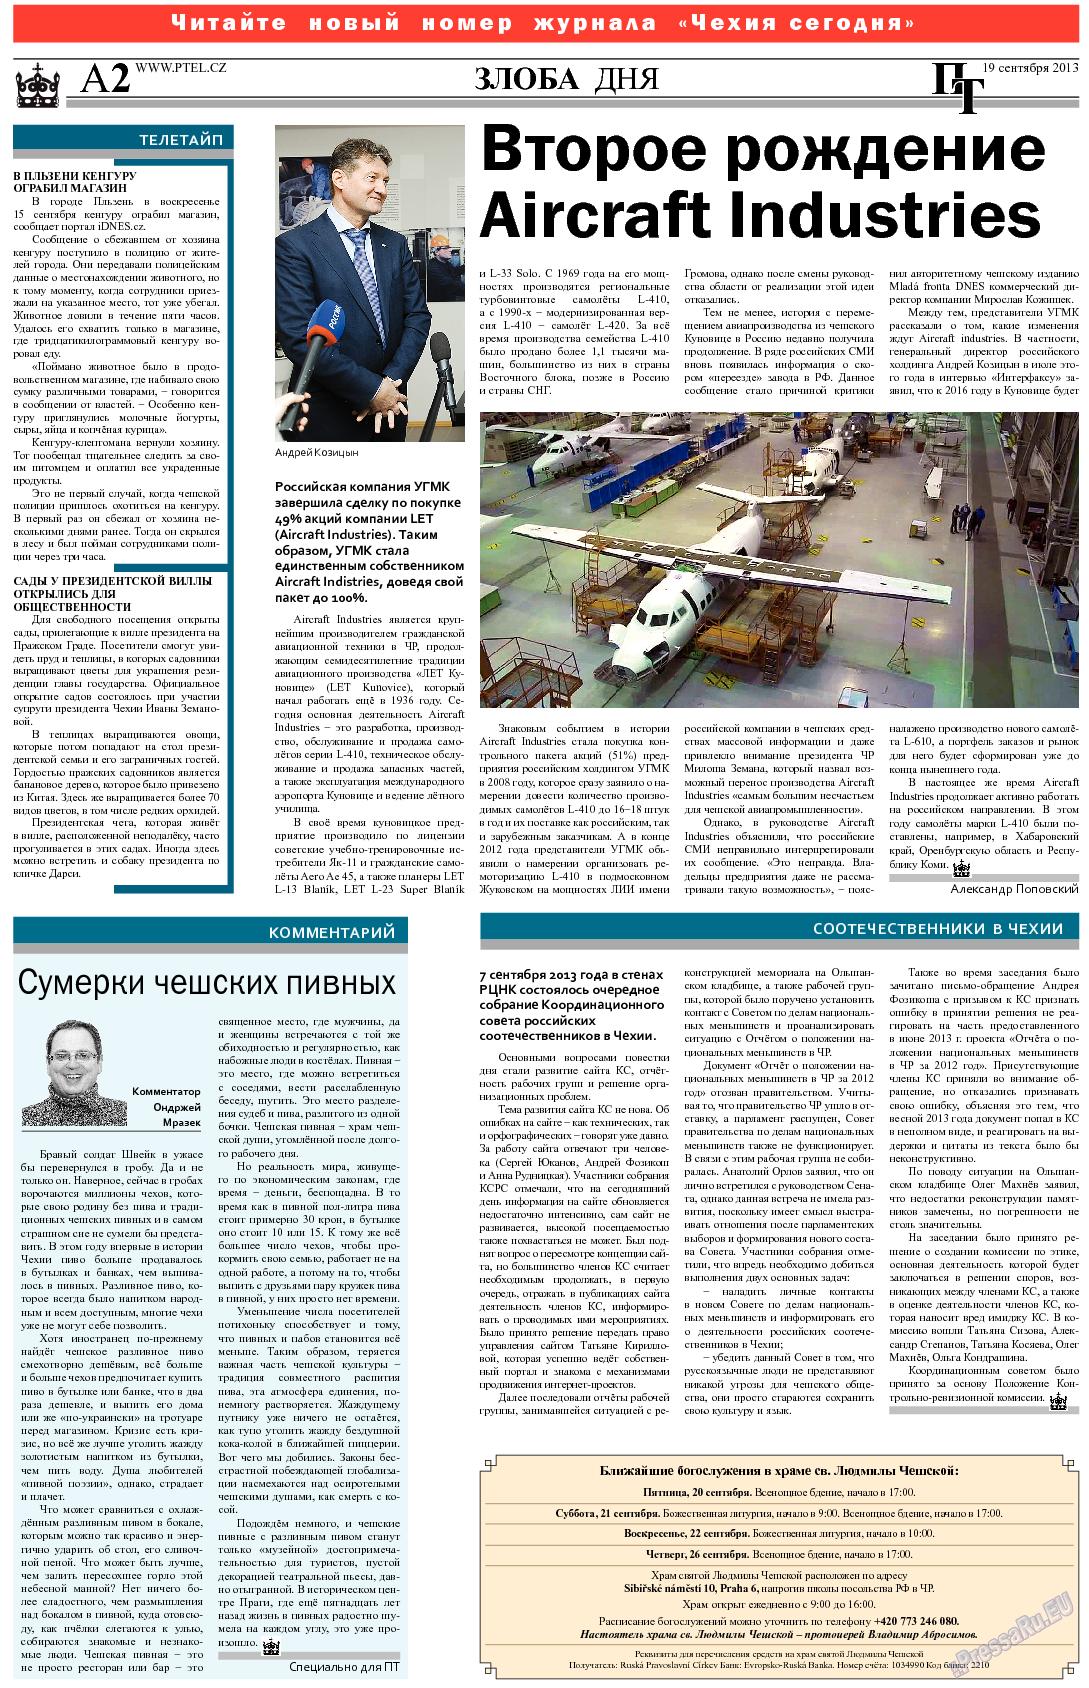 Пражский телеграф (газета). 2013 год, номер 37, стр. 2